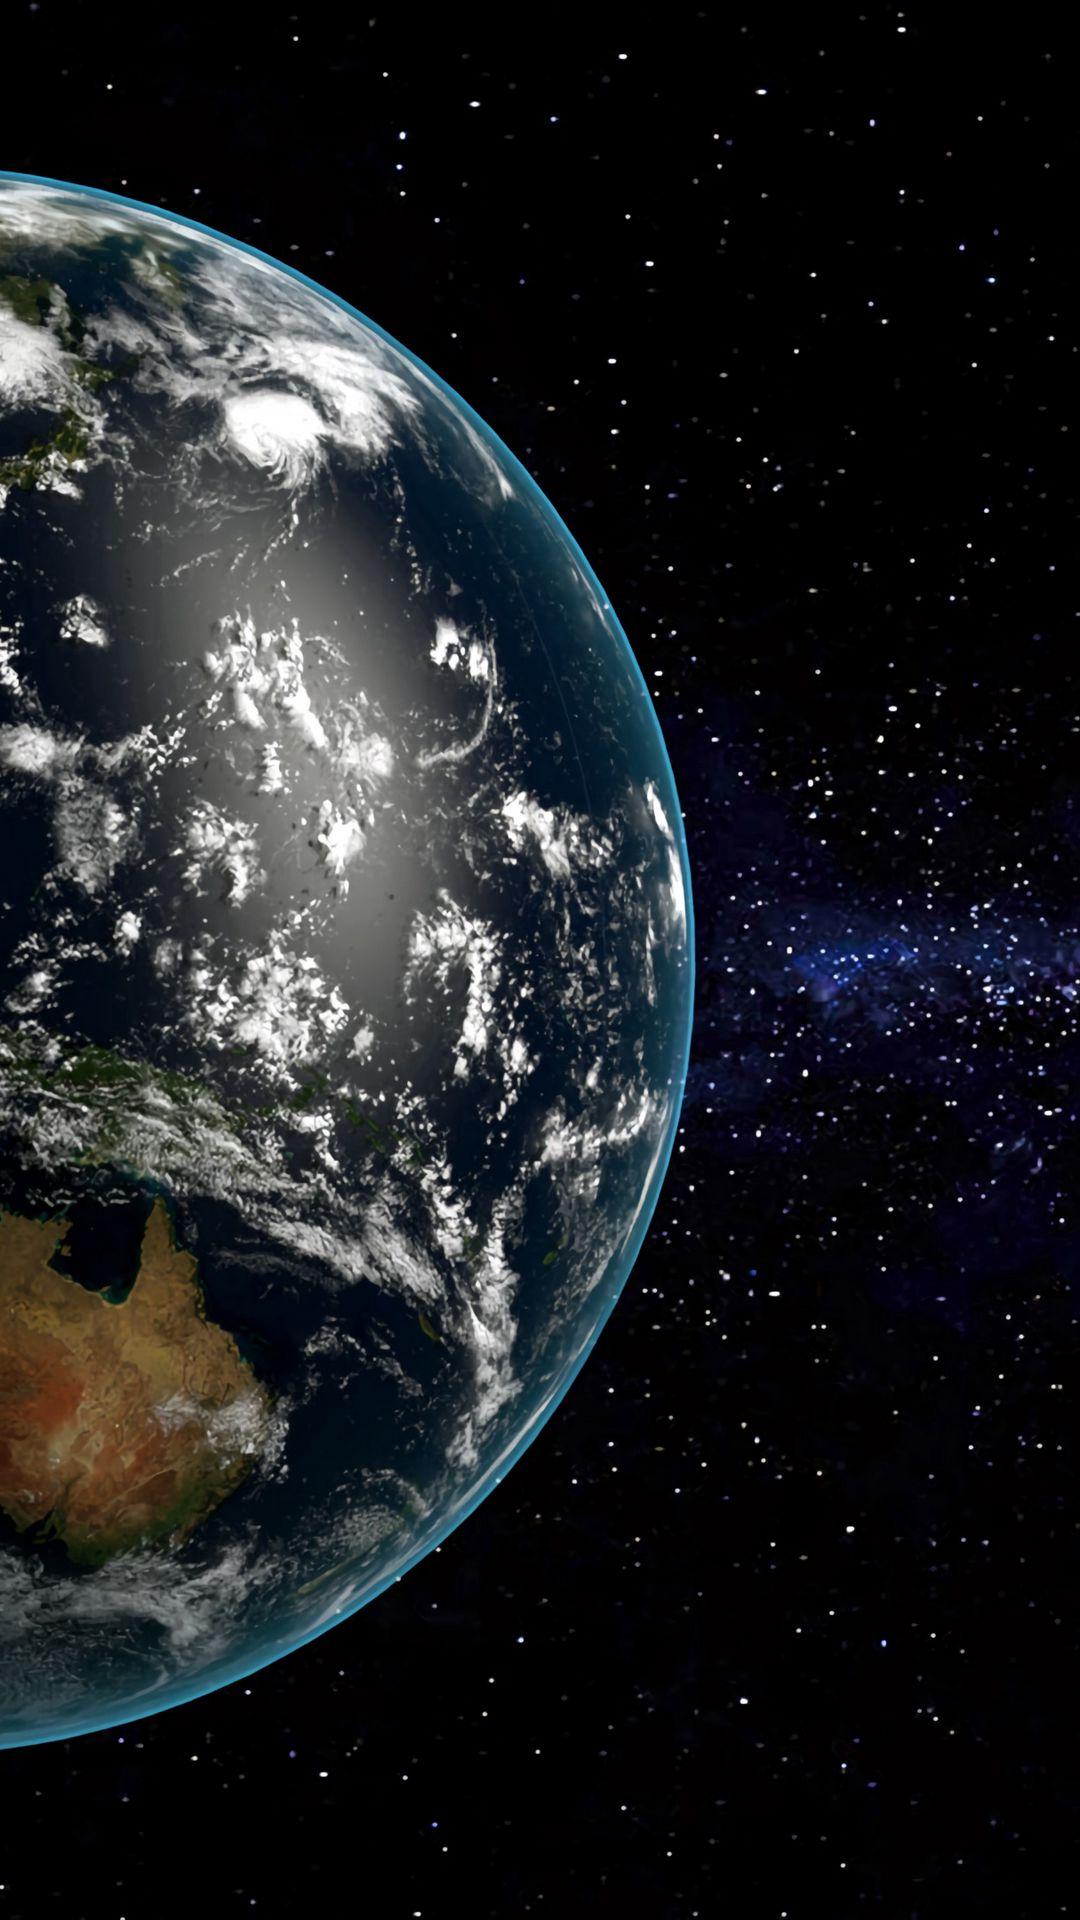 خلفيات ايفون خلفيات فضاء صور فضاء خلفيات جوال ايفون فضاء صور خلفيات فضاء خلفيات فضاء ونجوم خلفيات فضاء للايفون خلفيات فضاء للجوال خلفيات فضاء للهاتف للموبايل للفيسبوك للواتس خلفيات فضاء كيوت خلفيات